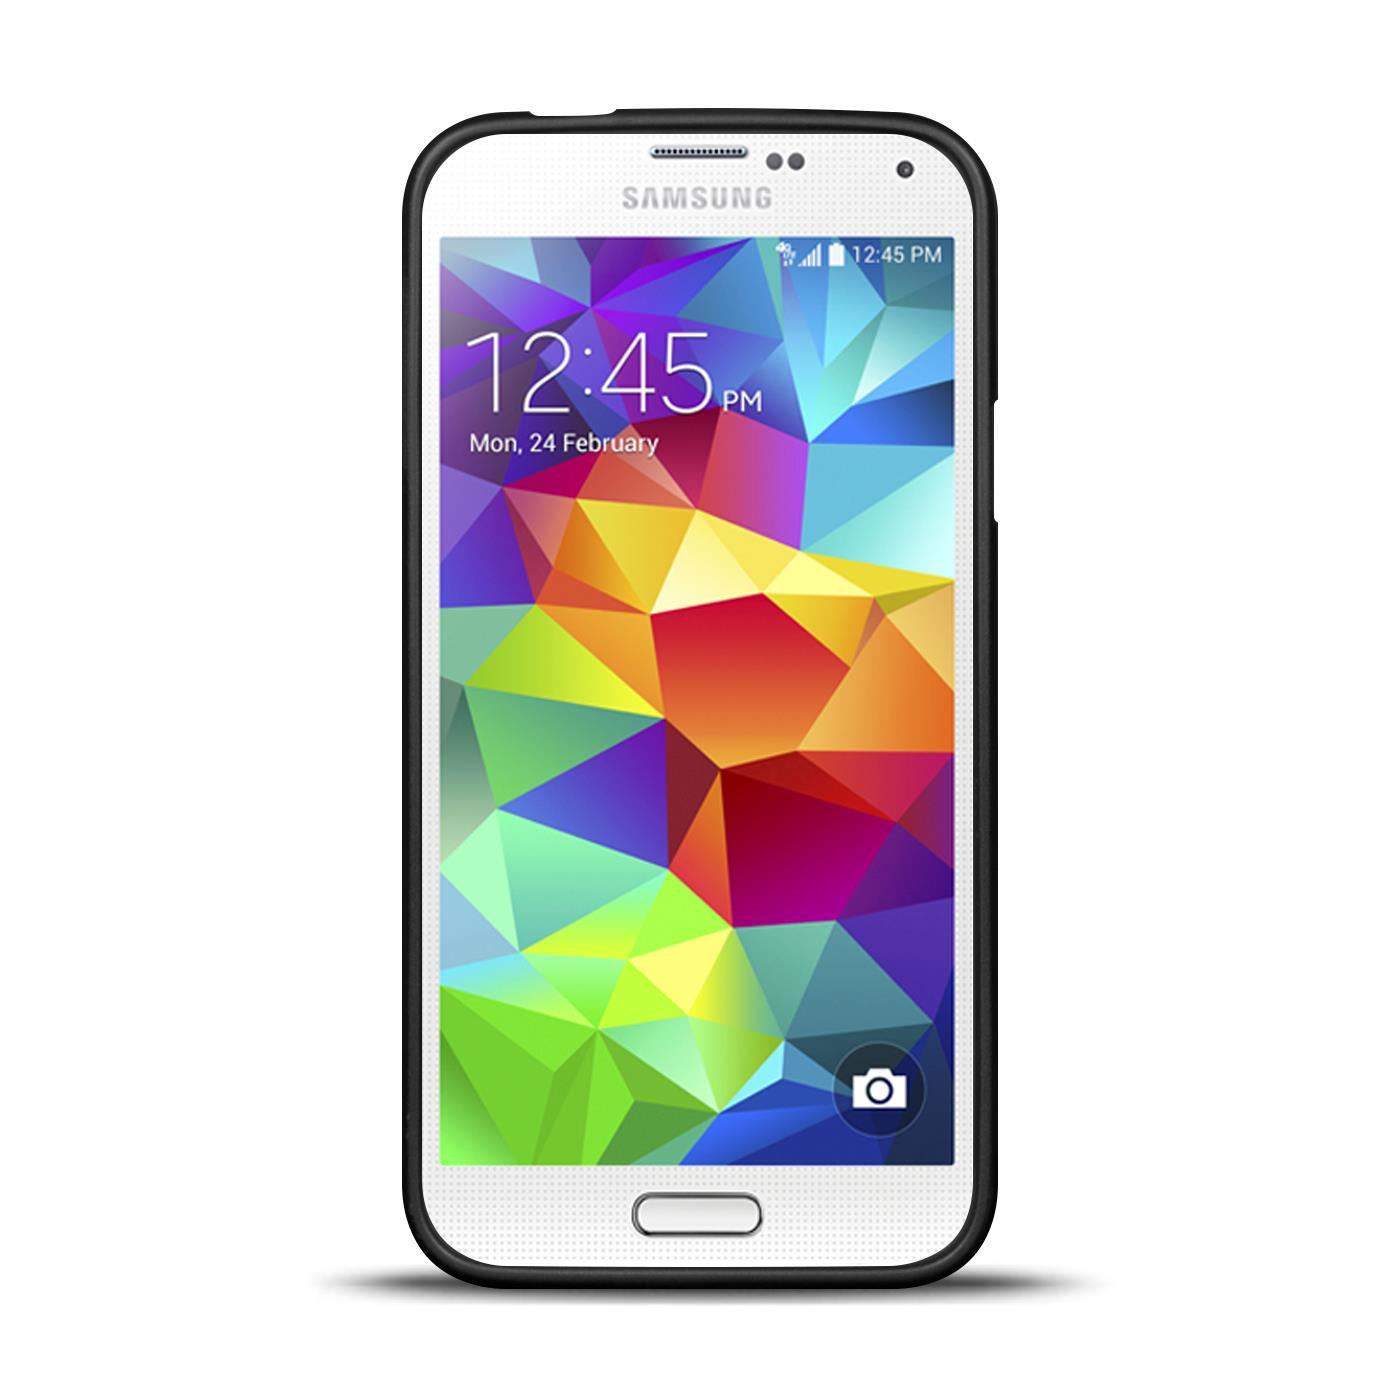 Silikon-Bumper-Case-Samsung-Galaxy-s5-Neo-duenne-ultra-slim-Stossfeste-Rueckschale Indexbild 39